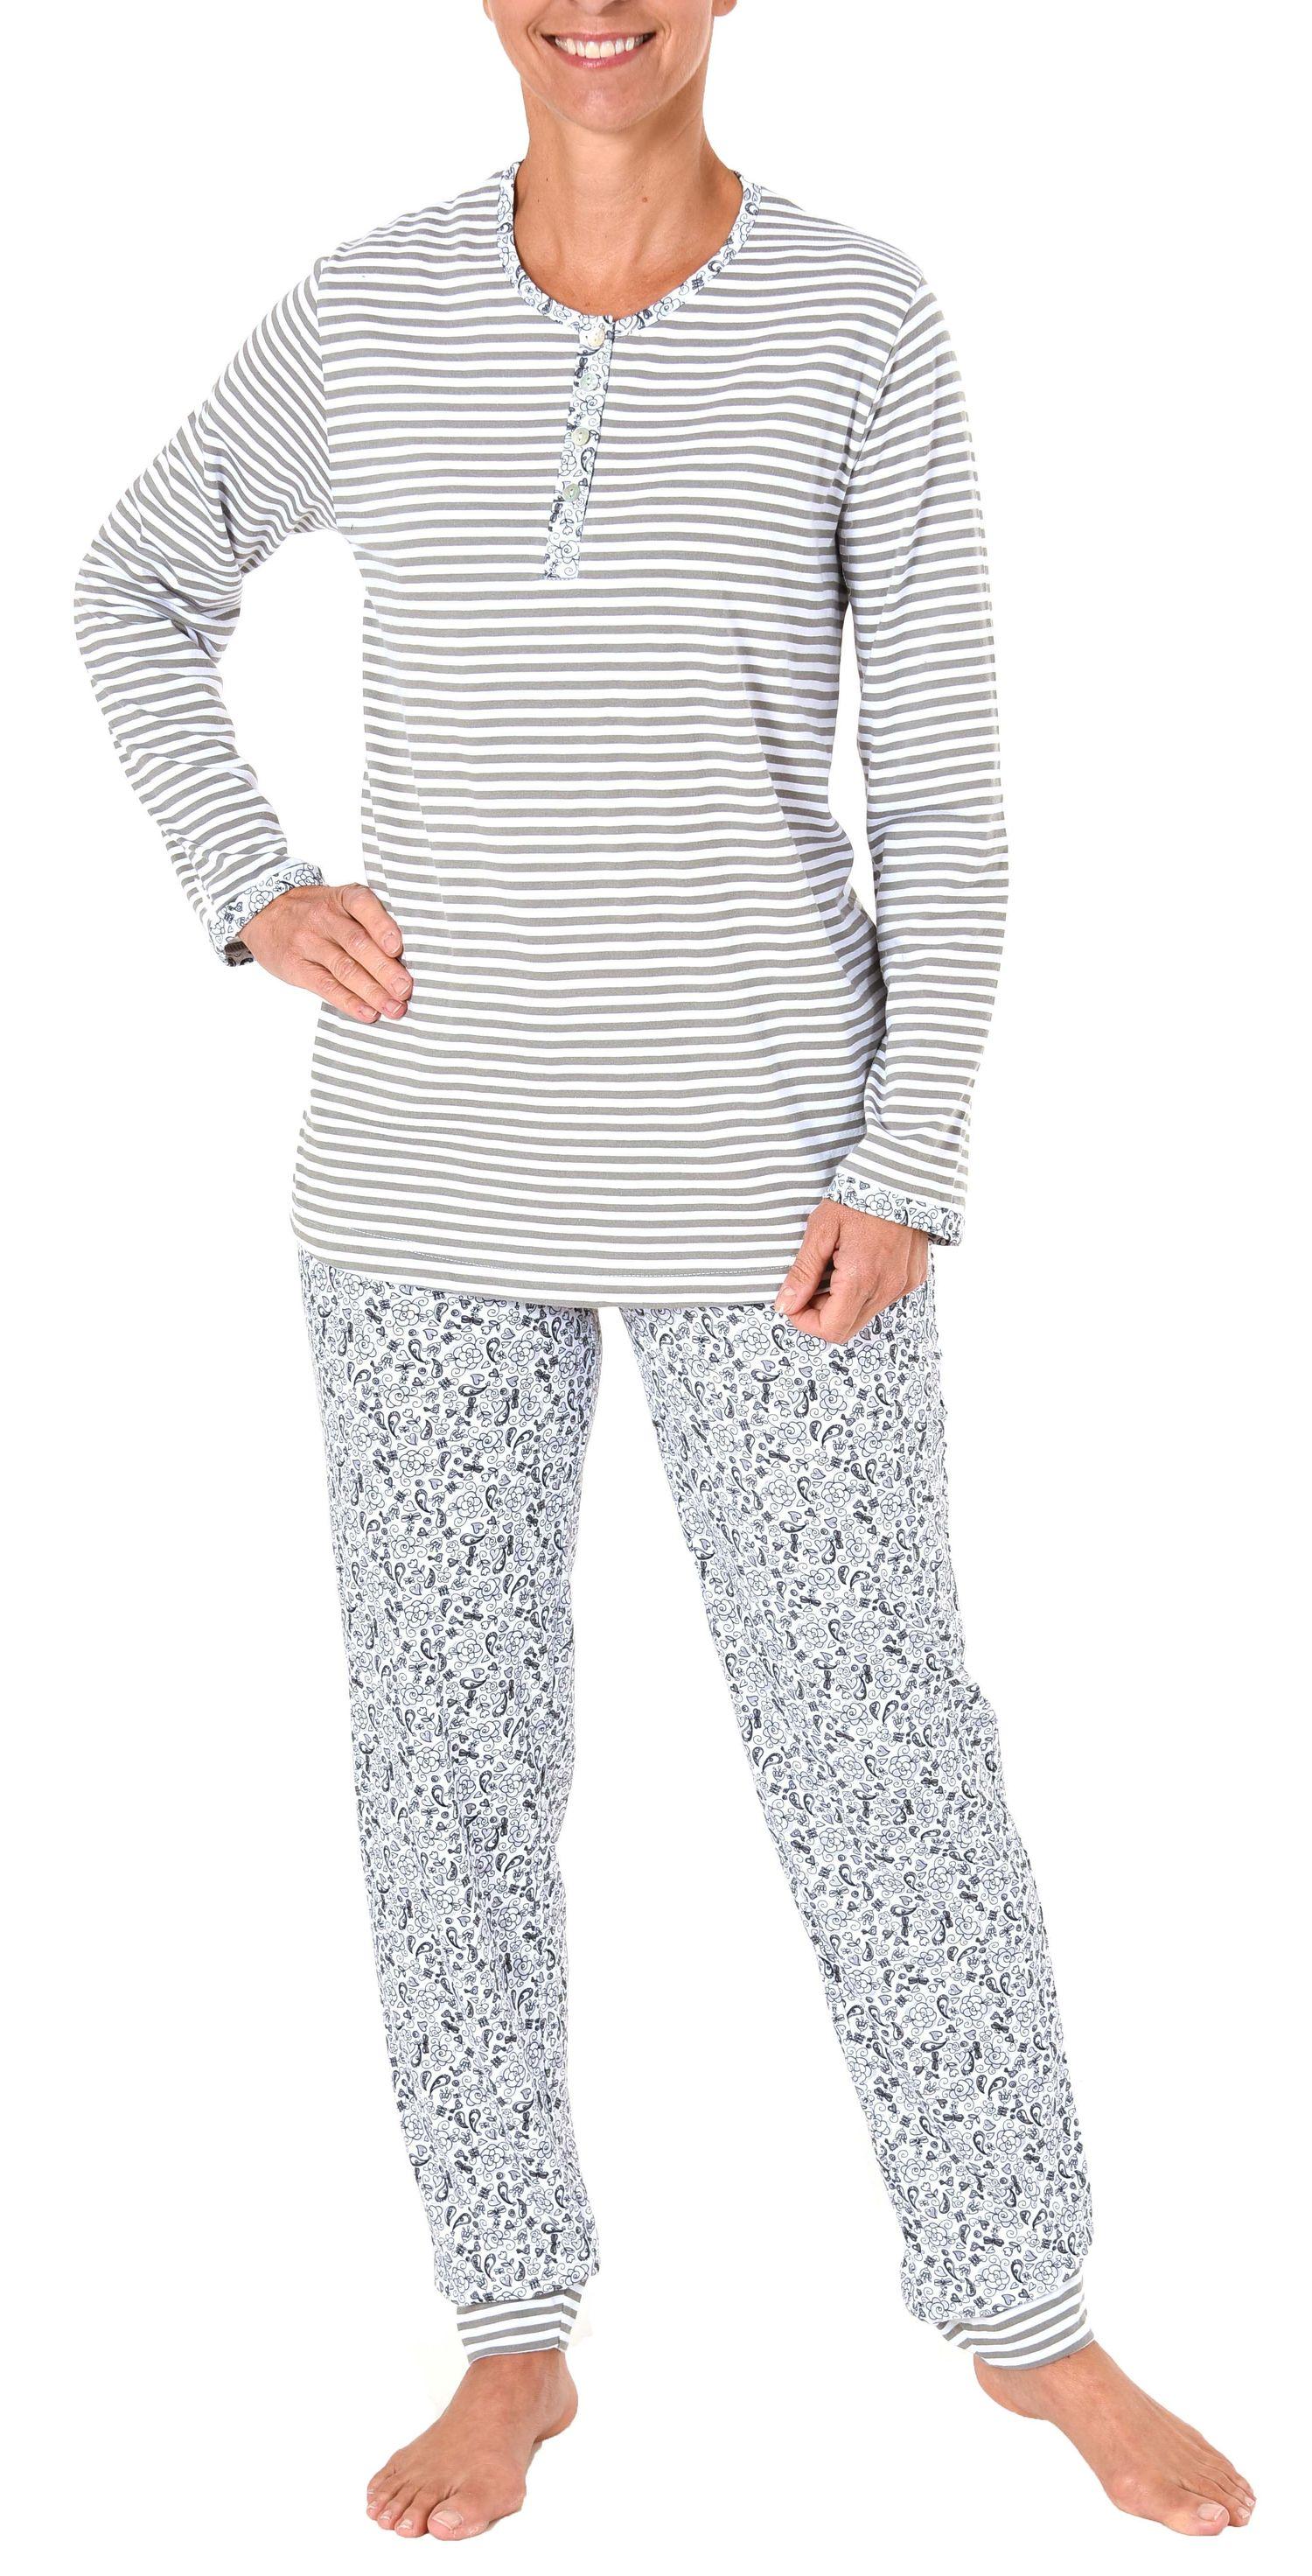 Wunderschöner Damen Pyjama langarm - auch in Übergrössen bis 60/62 - 281 201 90 100 – Bild 2